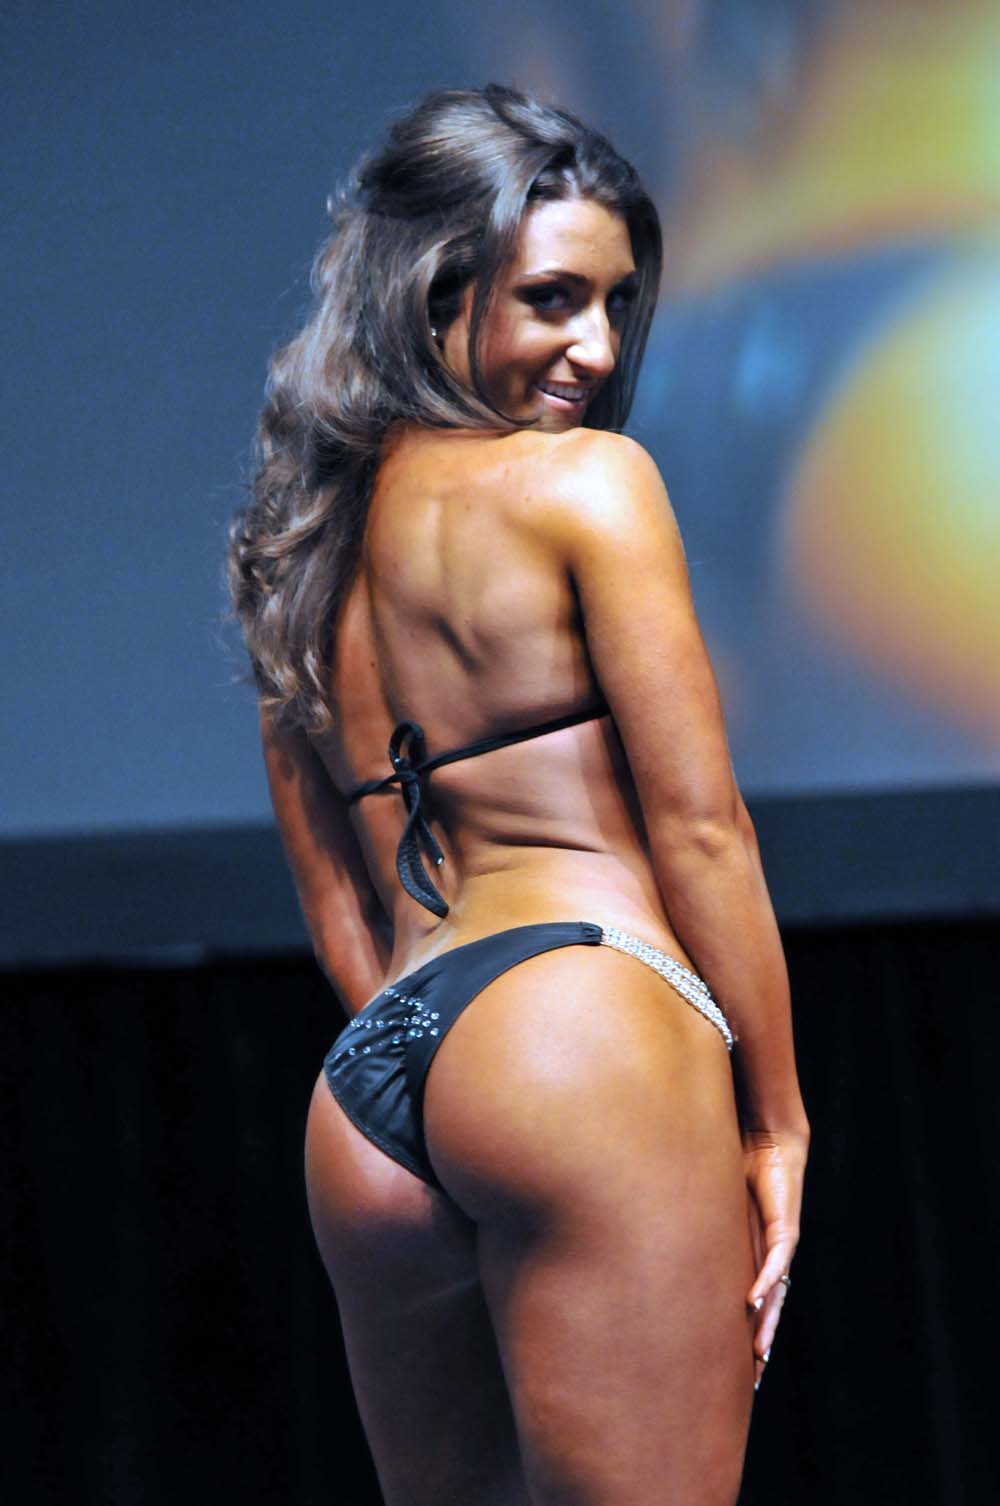 phillips toronto in model Bikini